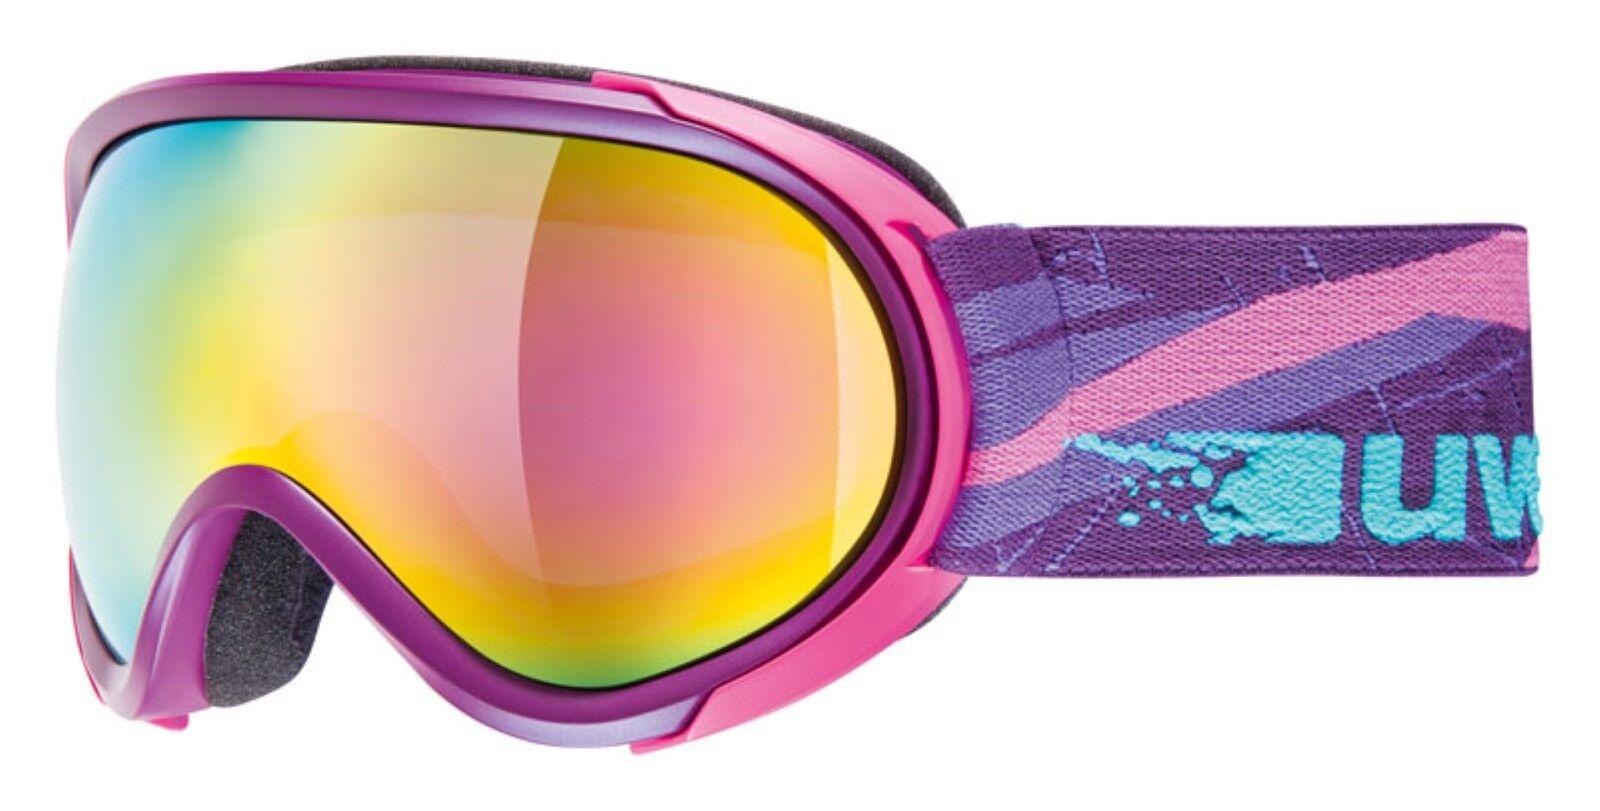 Uvex goggles Ski Snowboard Brille G.GL 7 pure pure pure lila mat Schneebrille glases 2a2621